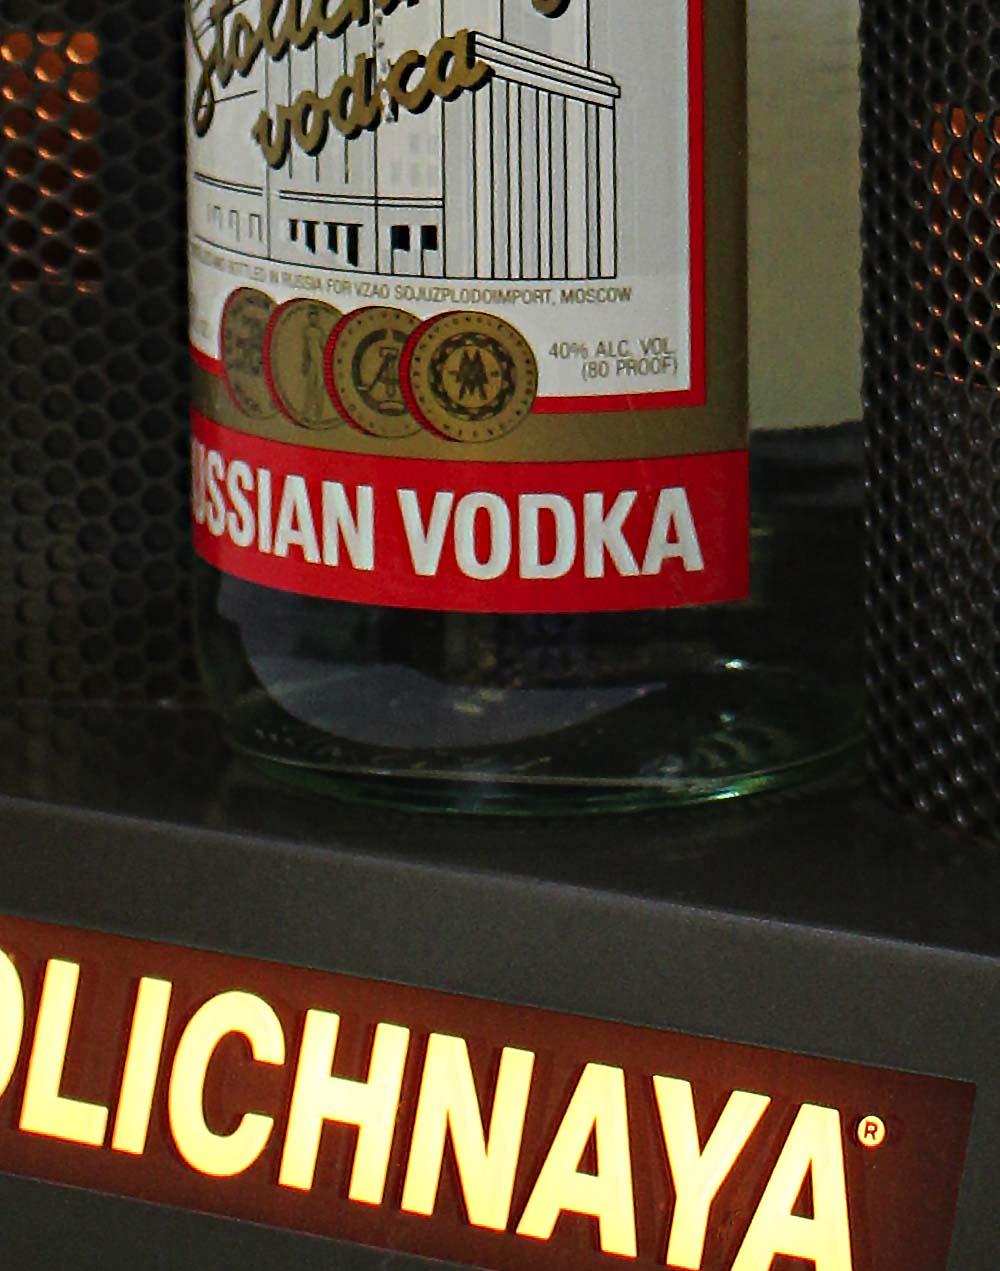 Bar Item -  An Architectural Bottle Glorifier